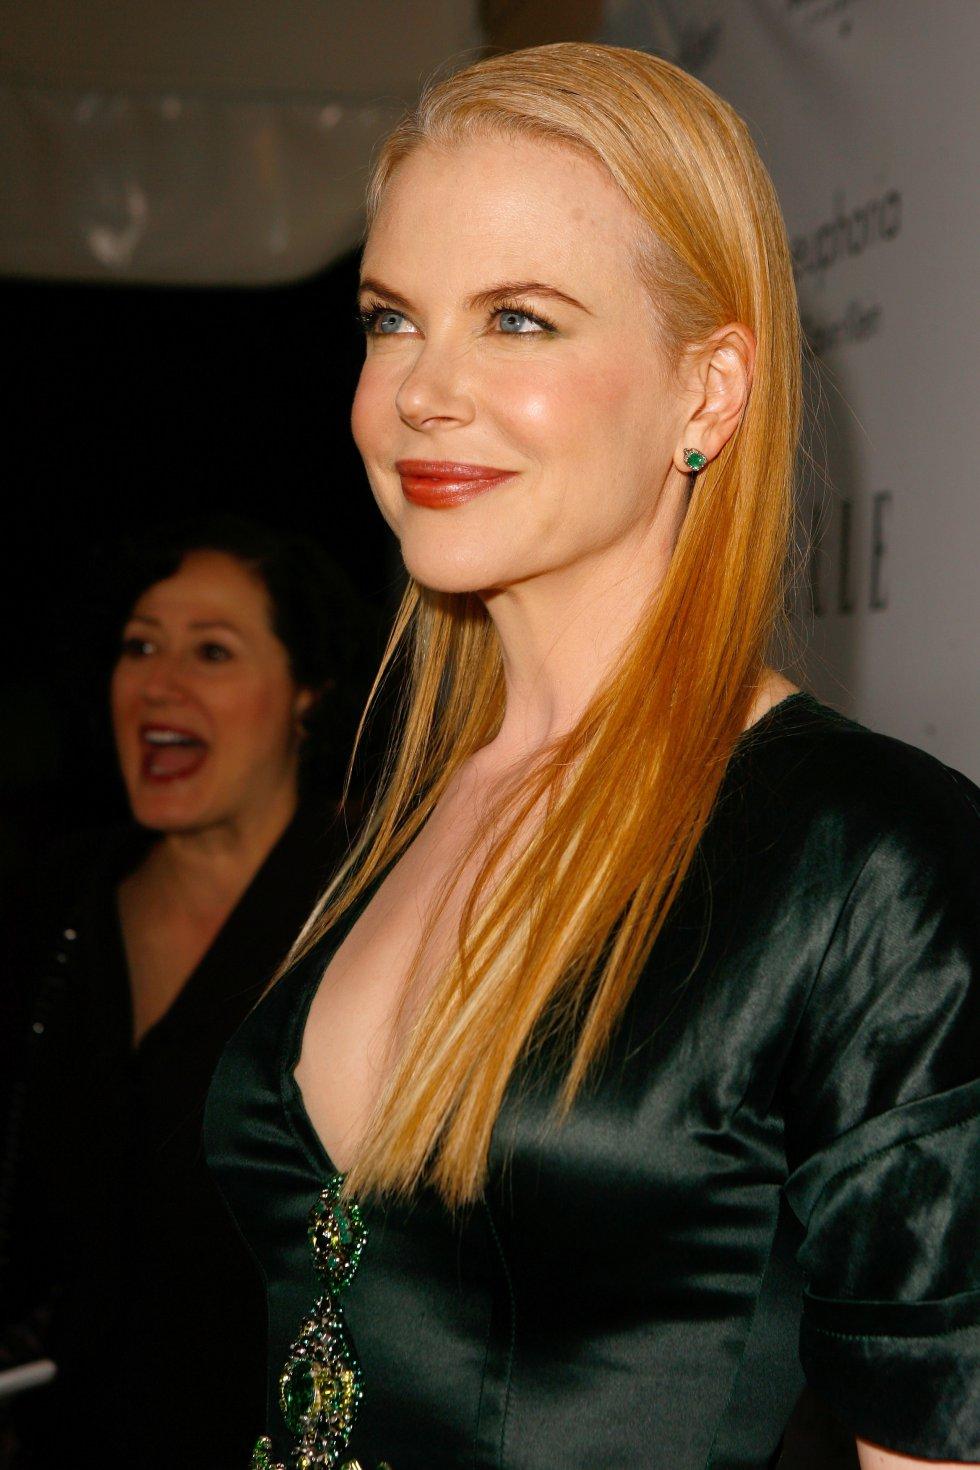 En 2012 coprotagonizó The Paperboy, película en la que la mayor parte de los elogios fueron para Nicole.